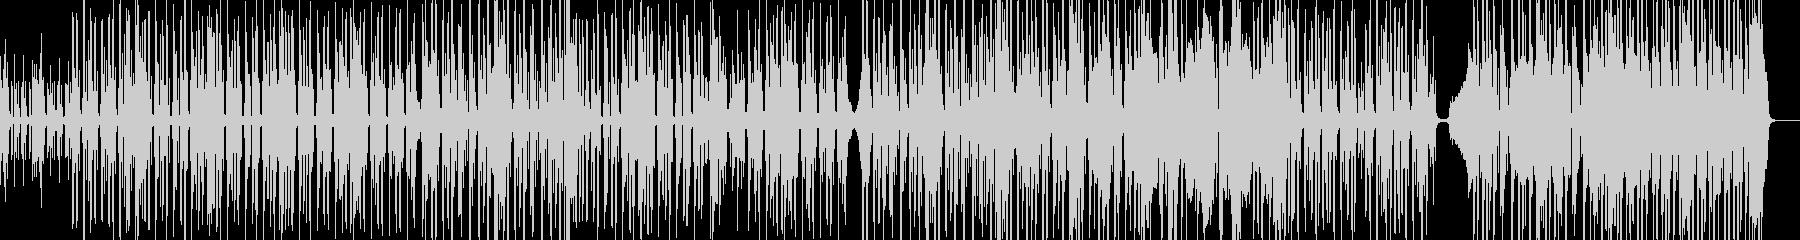 脱力系でファンキーなヒップホップ Bの未再生の波形